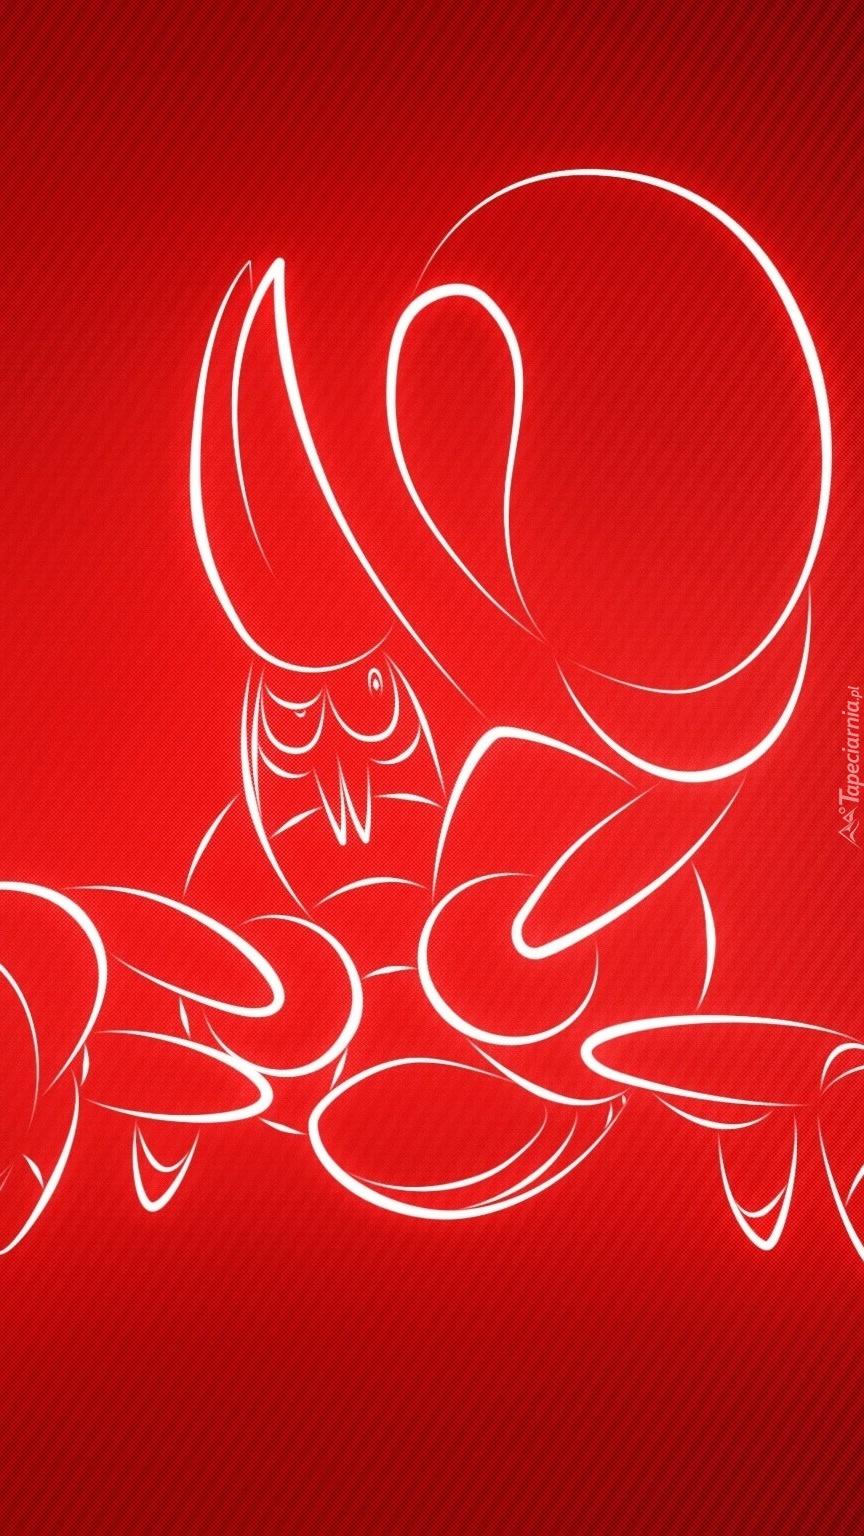 Znak zodiaku Rak w grafice 2D